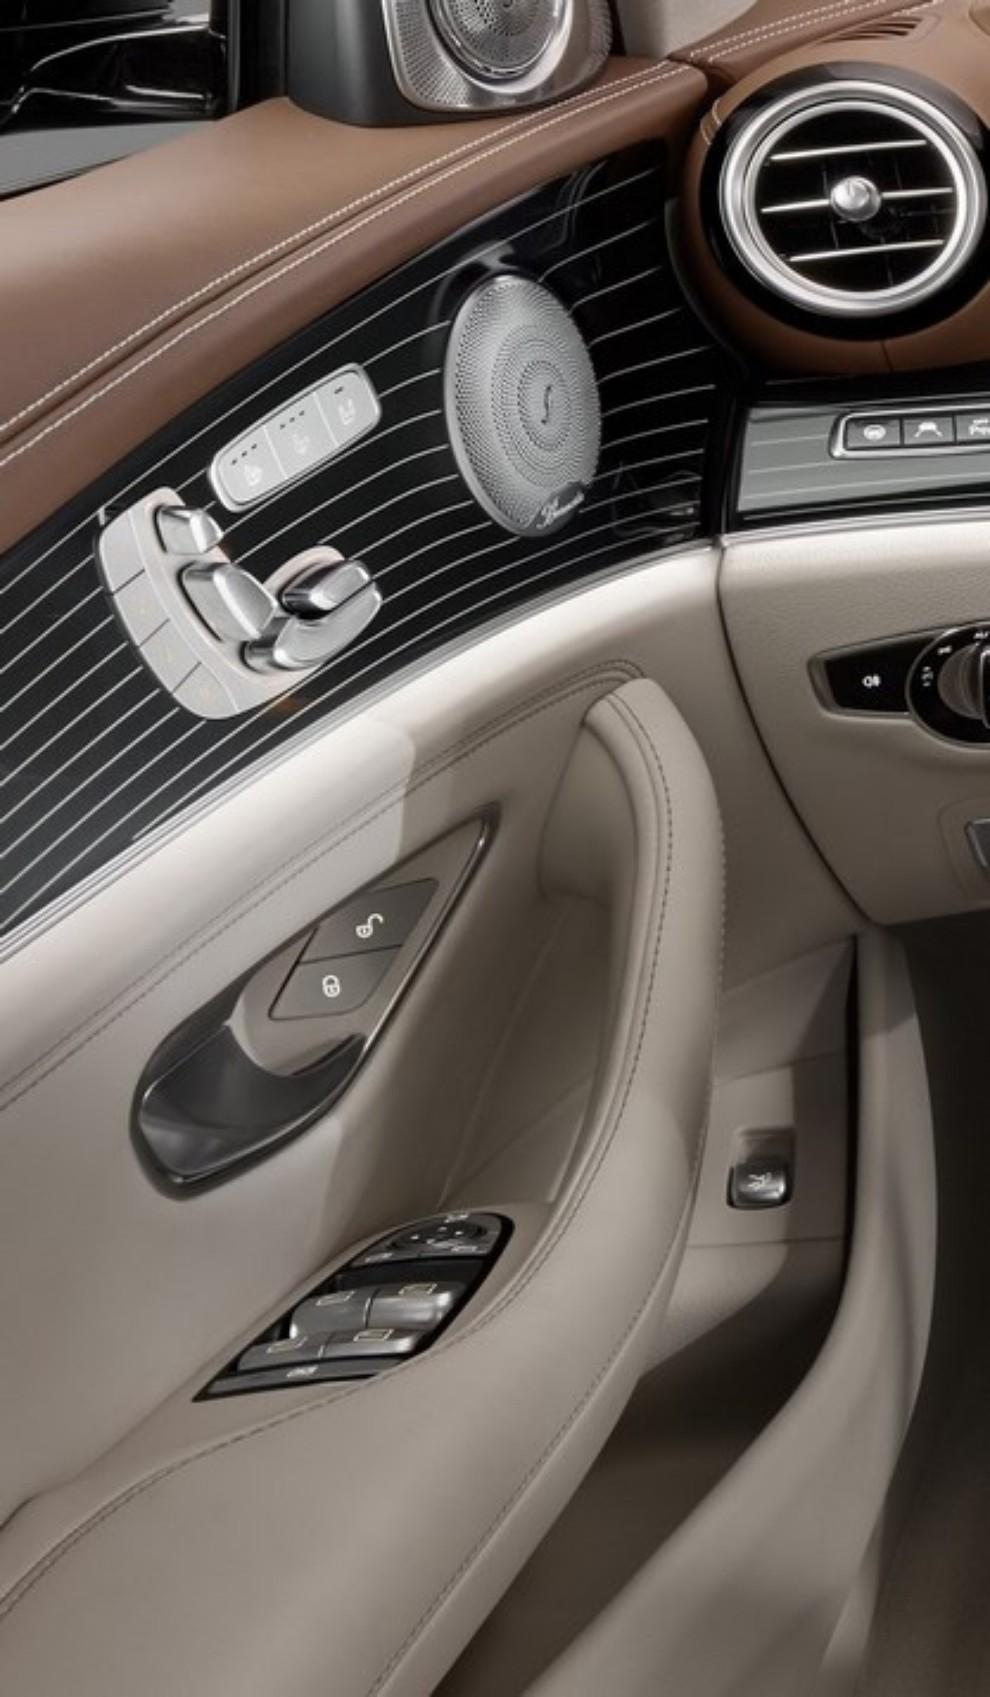 Nuova Mercedes Classe E, gli interni - Foto 14 di 18